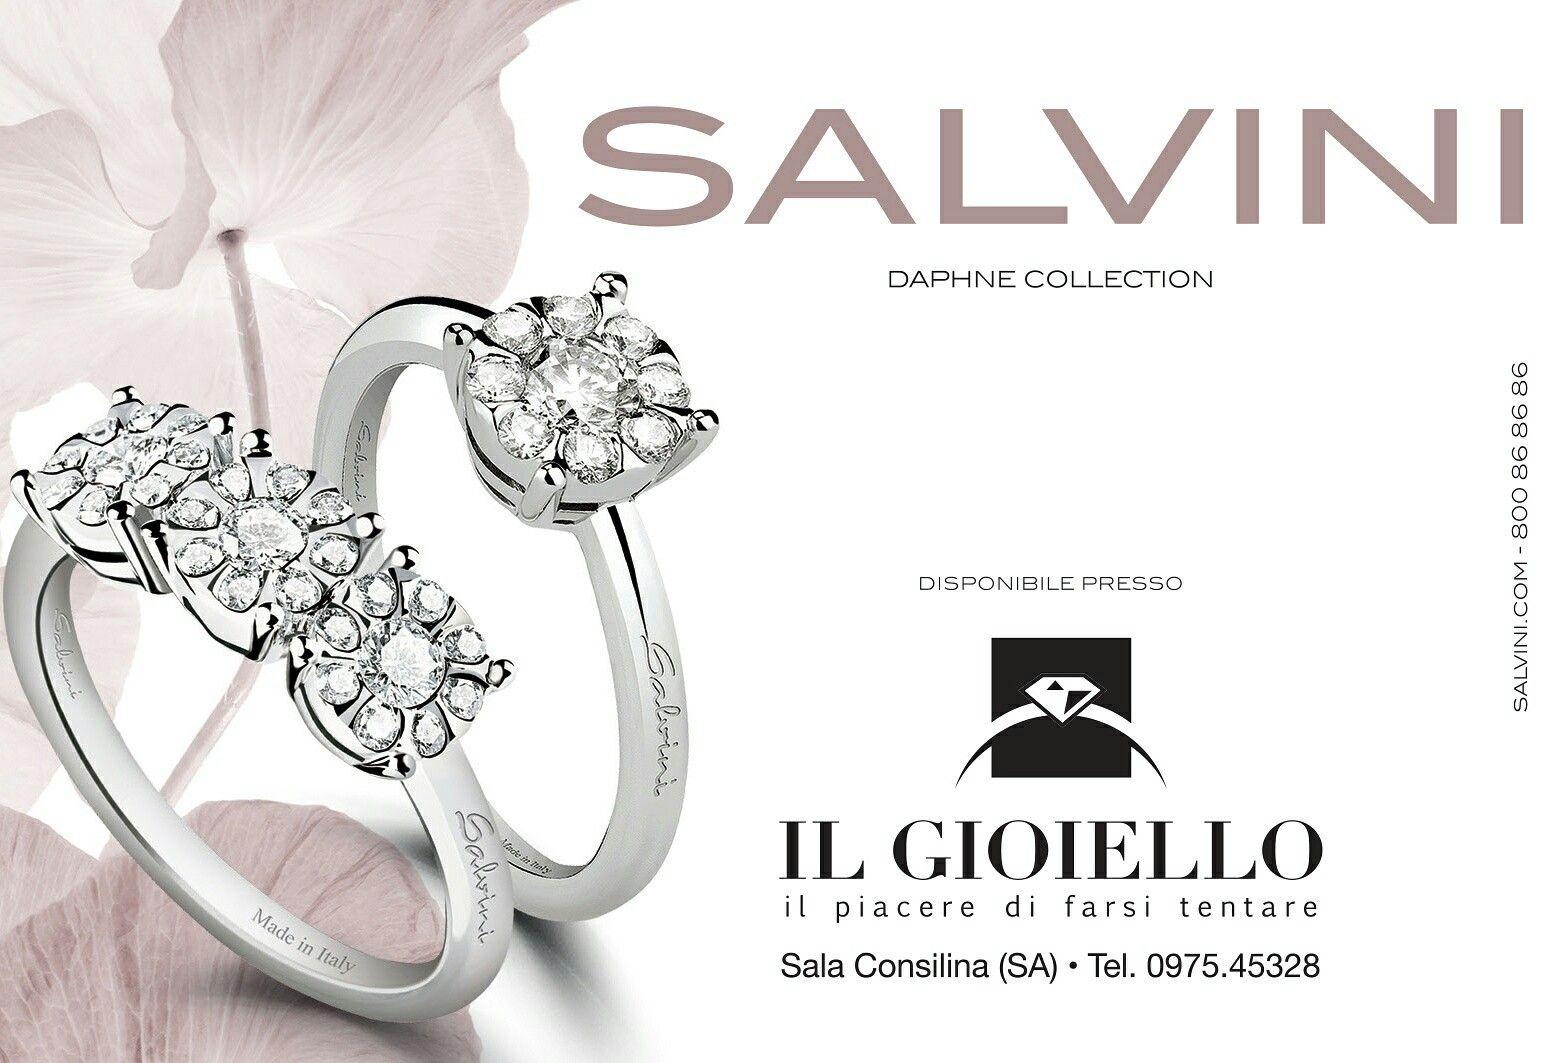 diversamente immagini ufficiali davvero comodo Salvini Gioielli Daphne Collection IL Gioiello Il piacere di ...